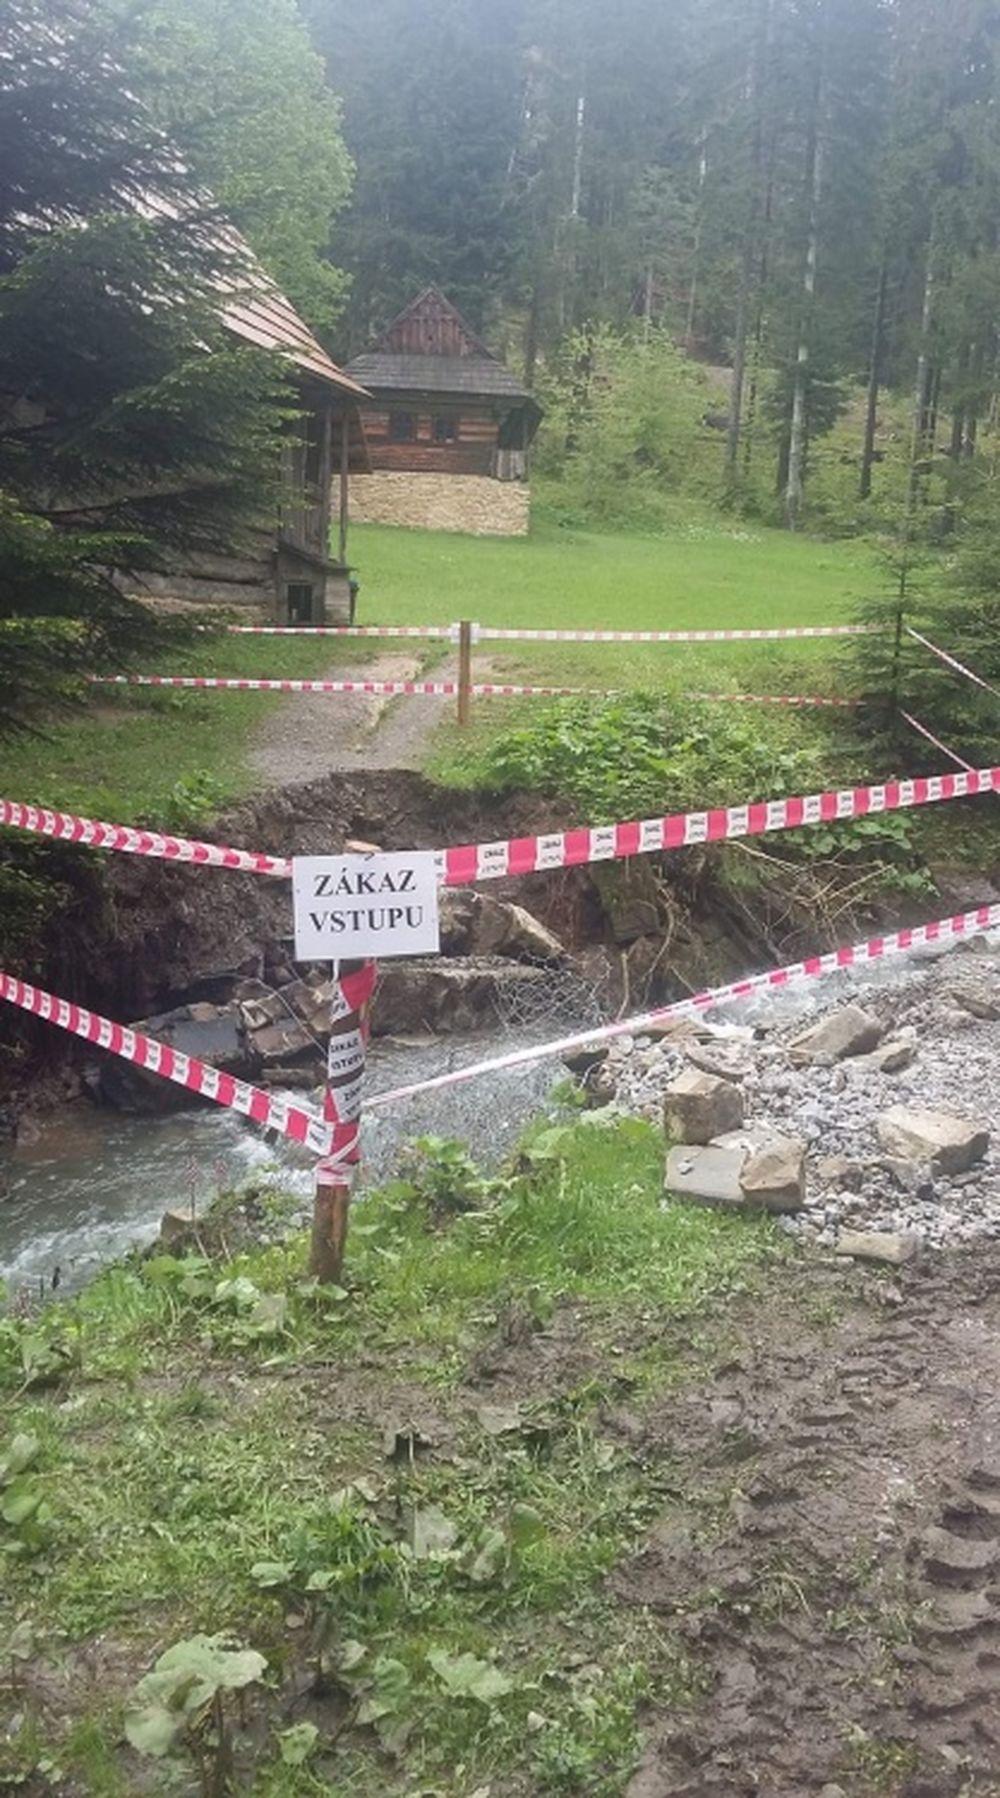 FOTO: Intenzívne dažde ohrozujú Skanzen vo Vychylovke, železnica funguje v obmedzenom režime, foto 5